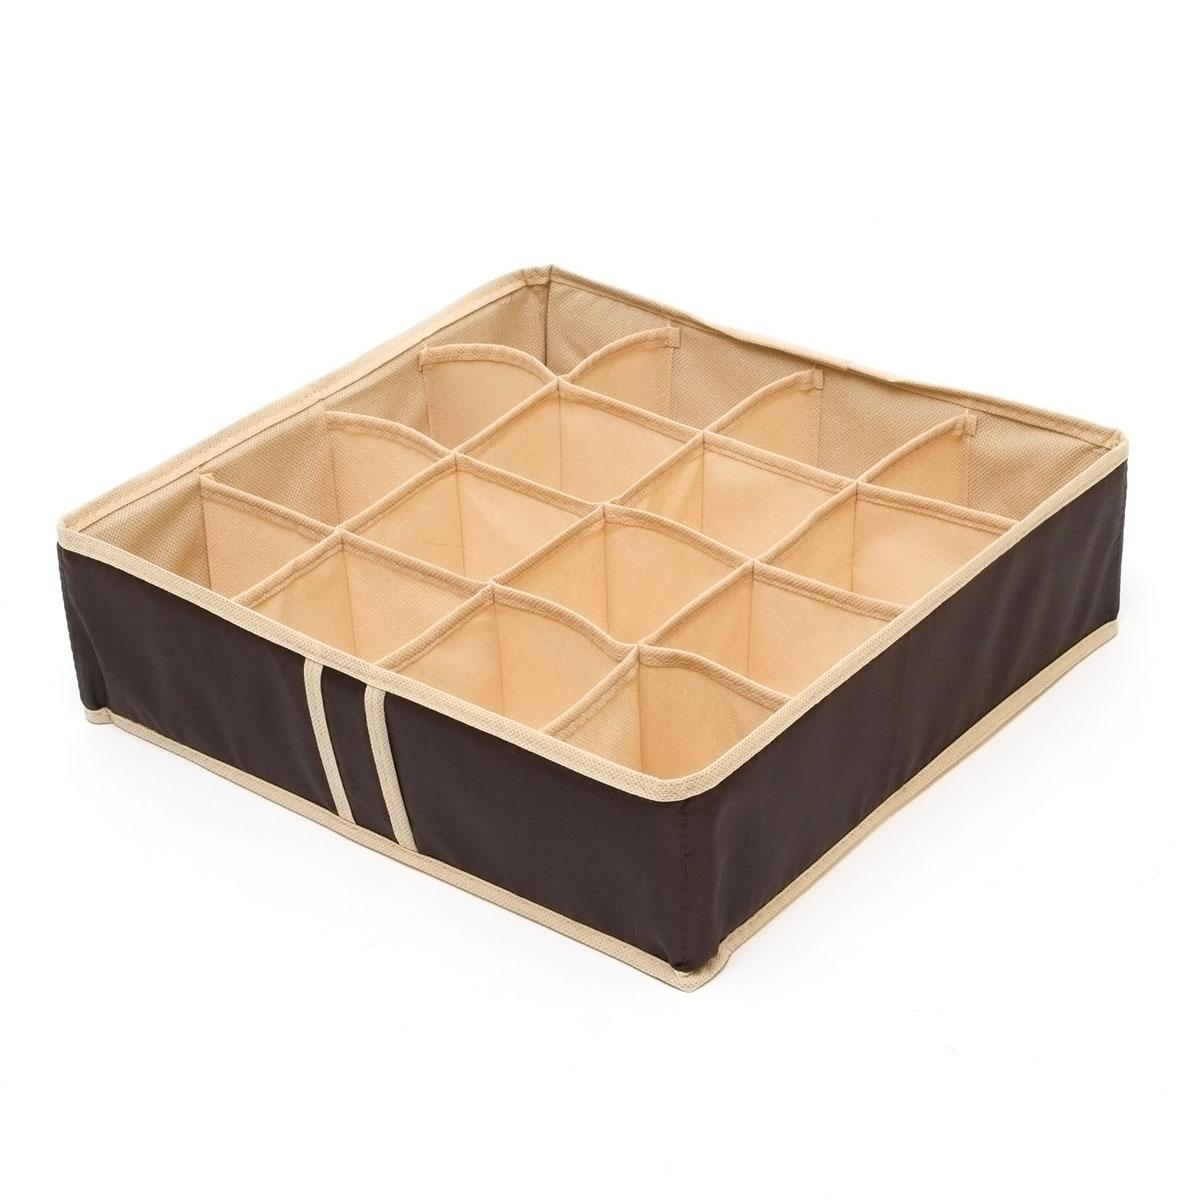 """Компактный органайзер Homsu """"Costa-Rica""""  изготовлен из  высококачественного полиэстера, который  обеспечивает естественную вентиляцию. Материал  позволяет воздуху свободно проникать внутрь, но не  пропускает пыль. Органайзер отлично держит  форму,  благодаря вставкам из плотного картона.  Изделие имеет 16 квадратных секций для хранения  нижнего белья, колготок, носков и другой одежды.    Такой органайзер позволит вам хранить вещи  компактно и  удобно."""